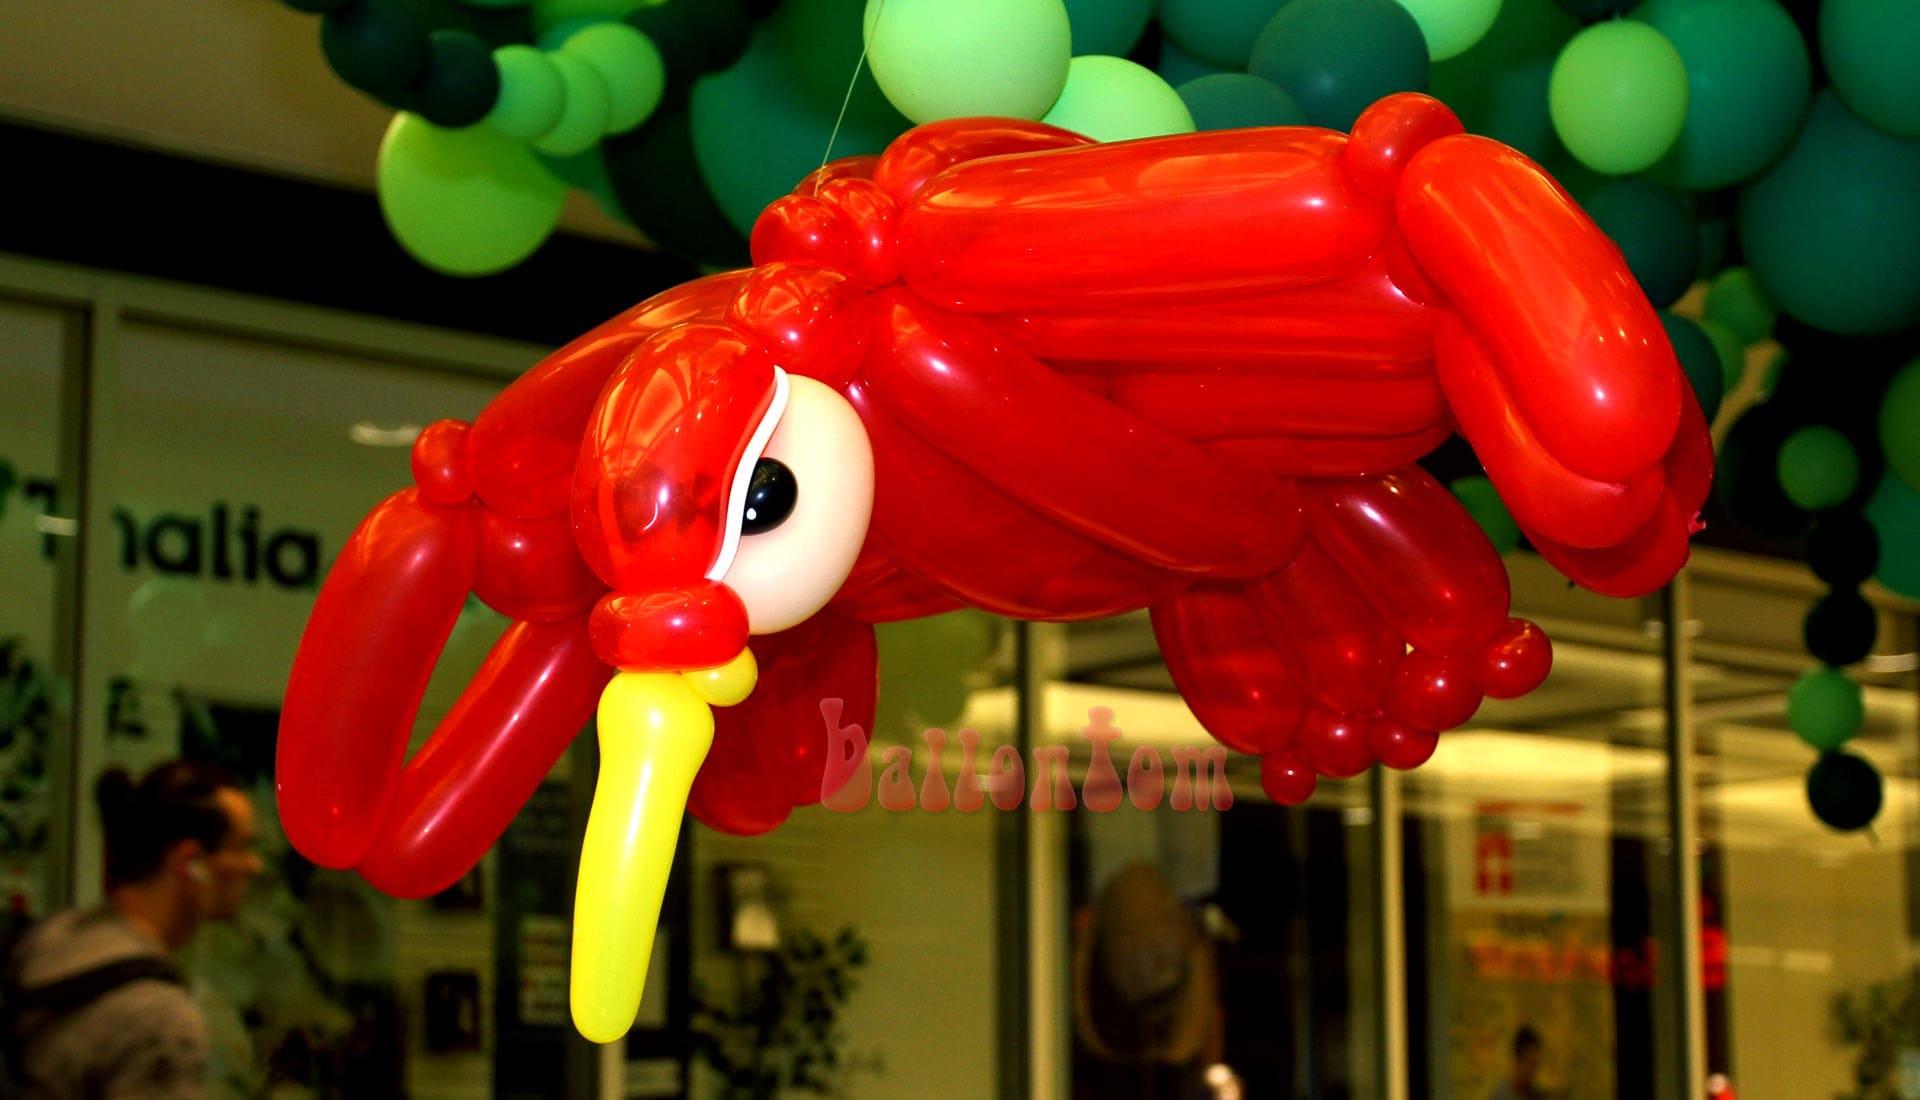 Ballonwelt im Rathauscenter Pankow in Berlin - Moto: Auf Safarie in Pankow - Bild: Paradiesvogel